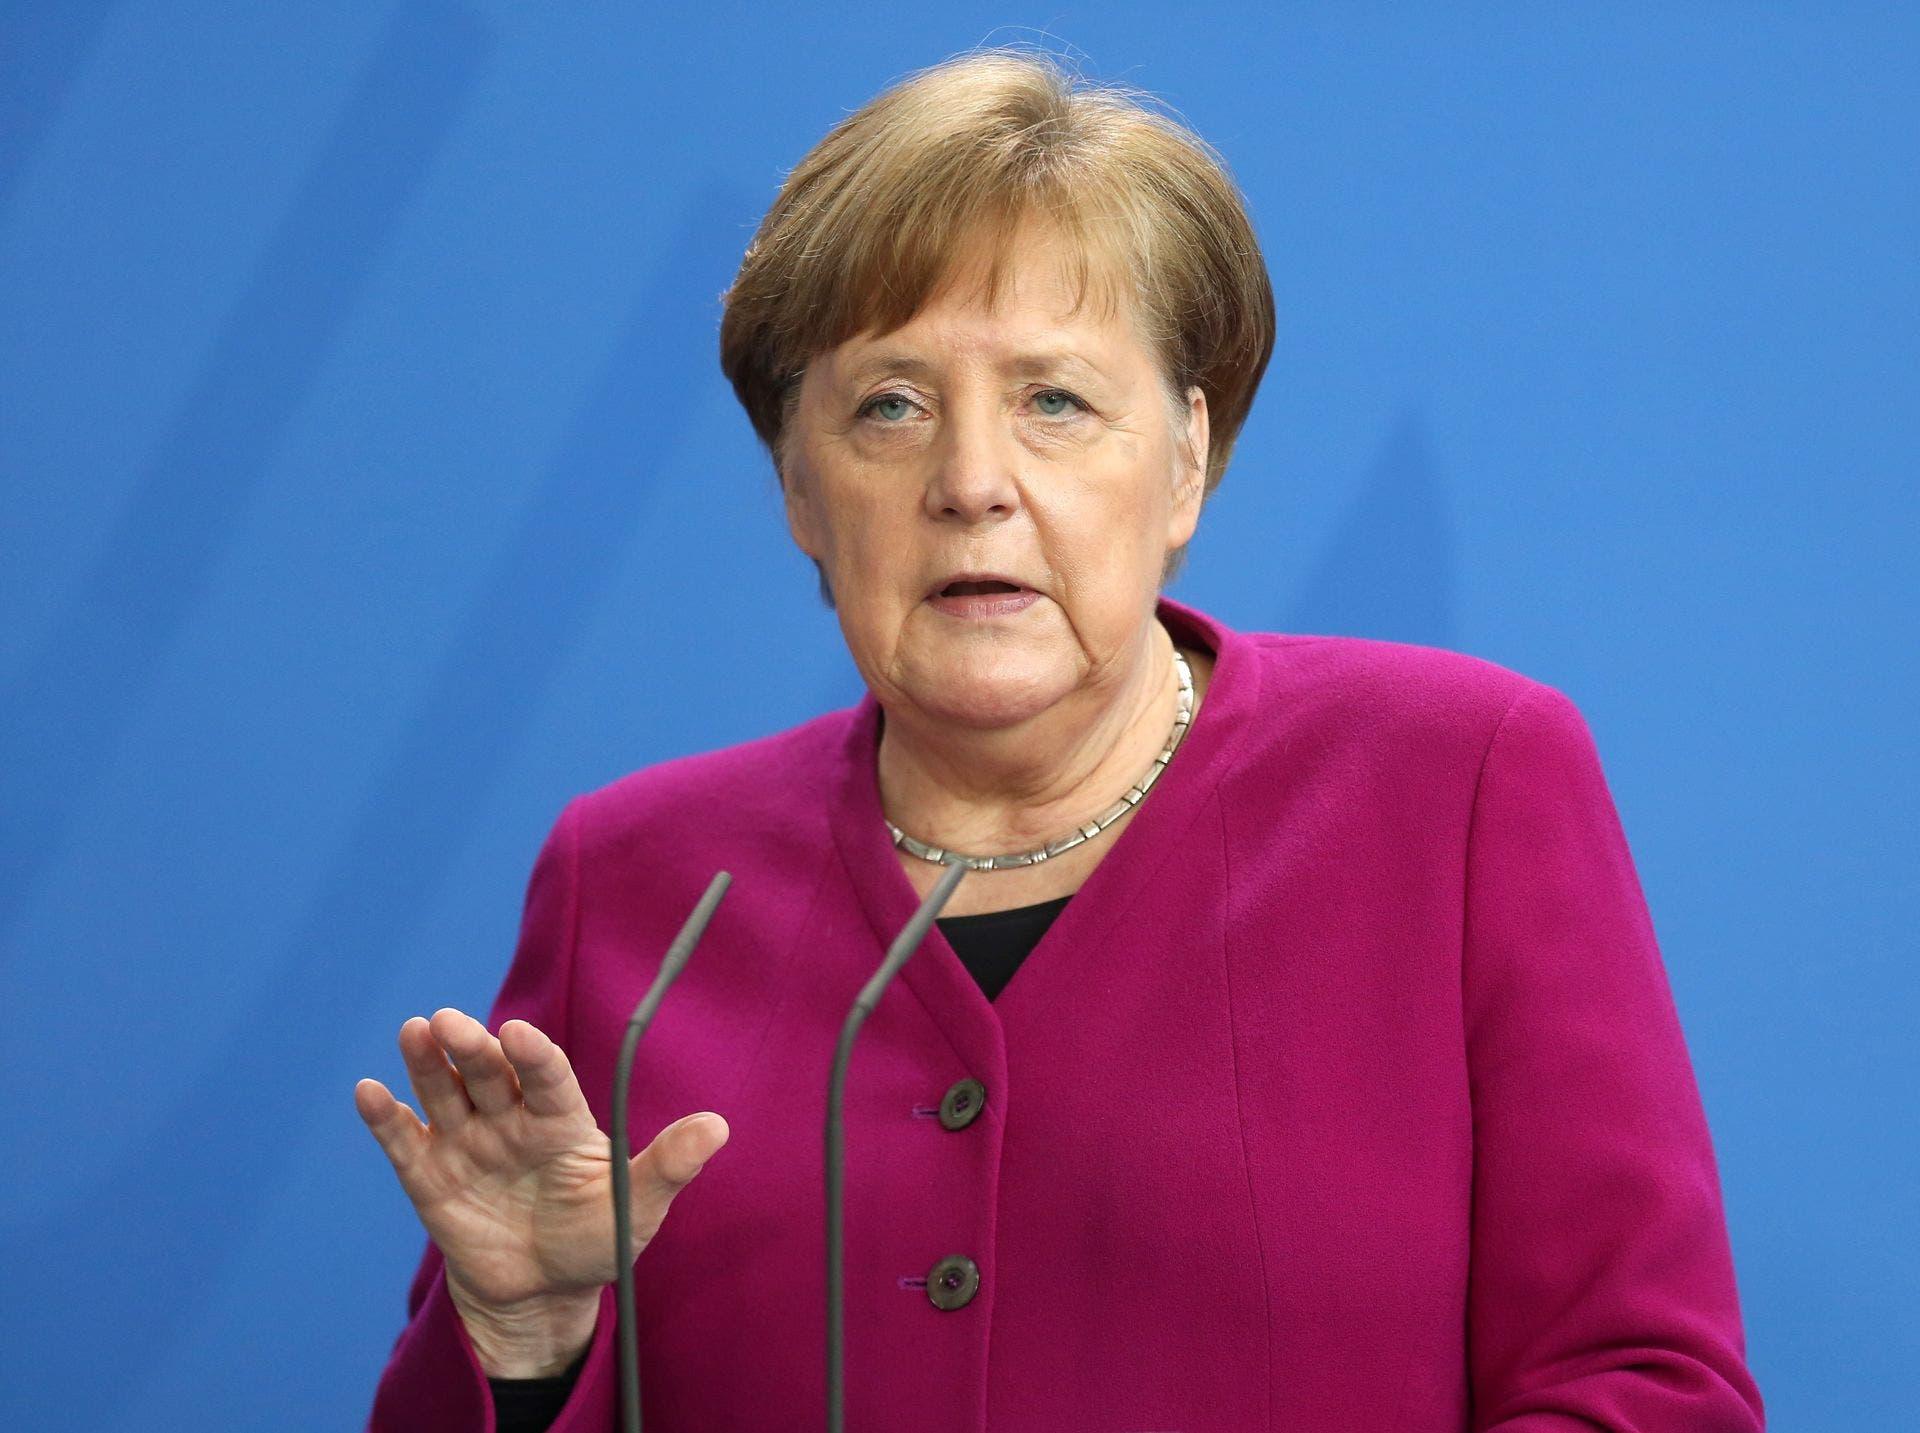 Merkel: pandemia no da tiempo para pensar en el retiro